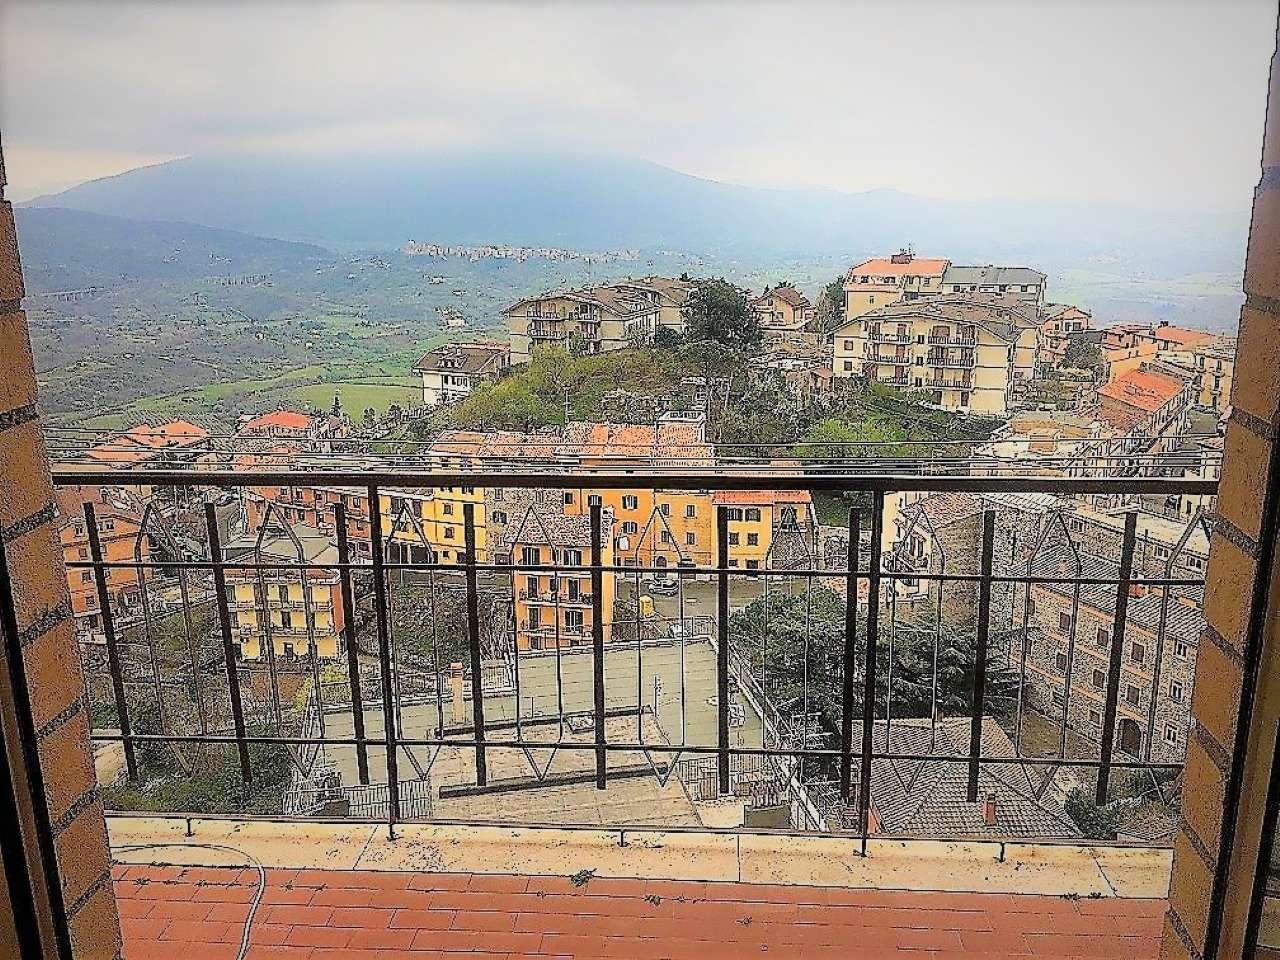 Appartamento in vendita a San Polo dei Cavalieri, 4 locali, prezzo € 135.000 | CambioCasa.it